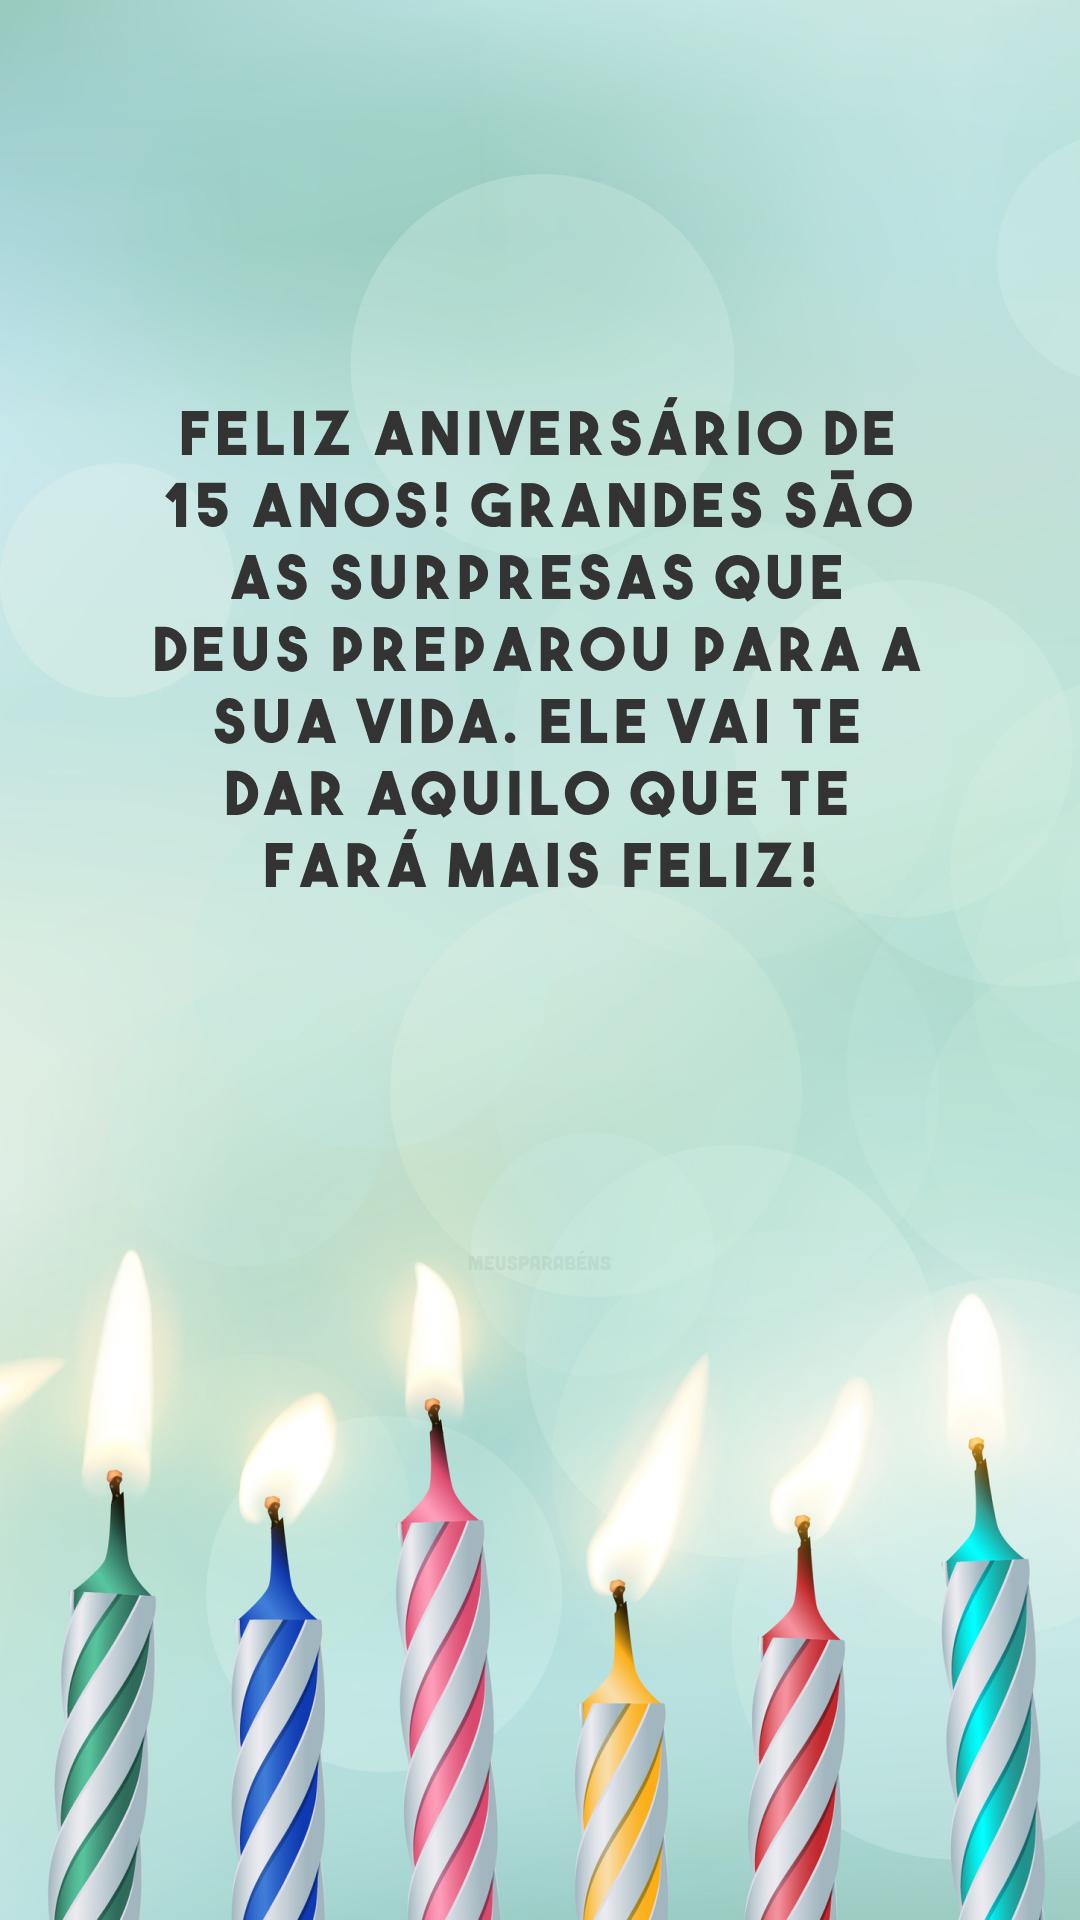 Feliz aniversário de 15 anos! Grandes são as surpresas que Deus preparou para a sua vida. Ele vai te dar aquilo que te fará mais feliz!